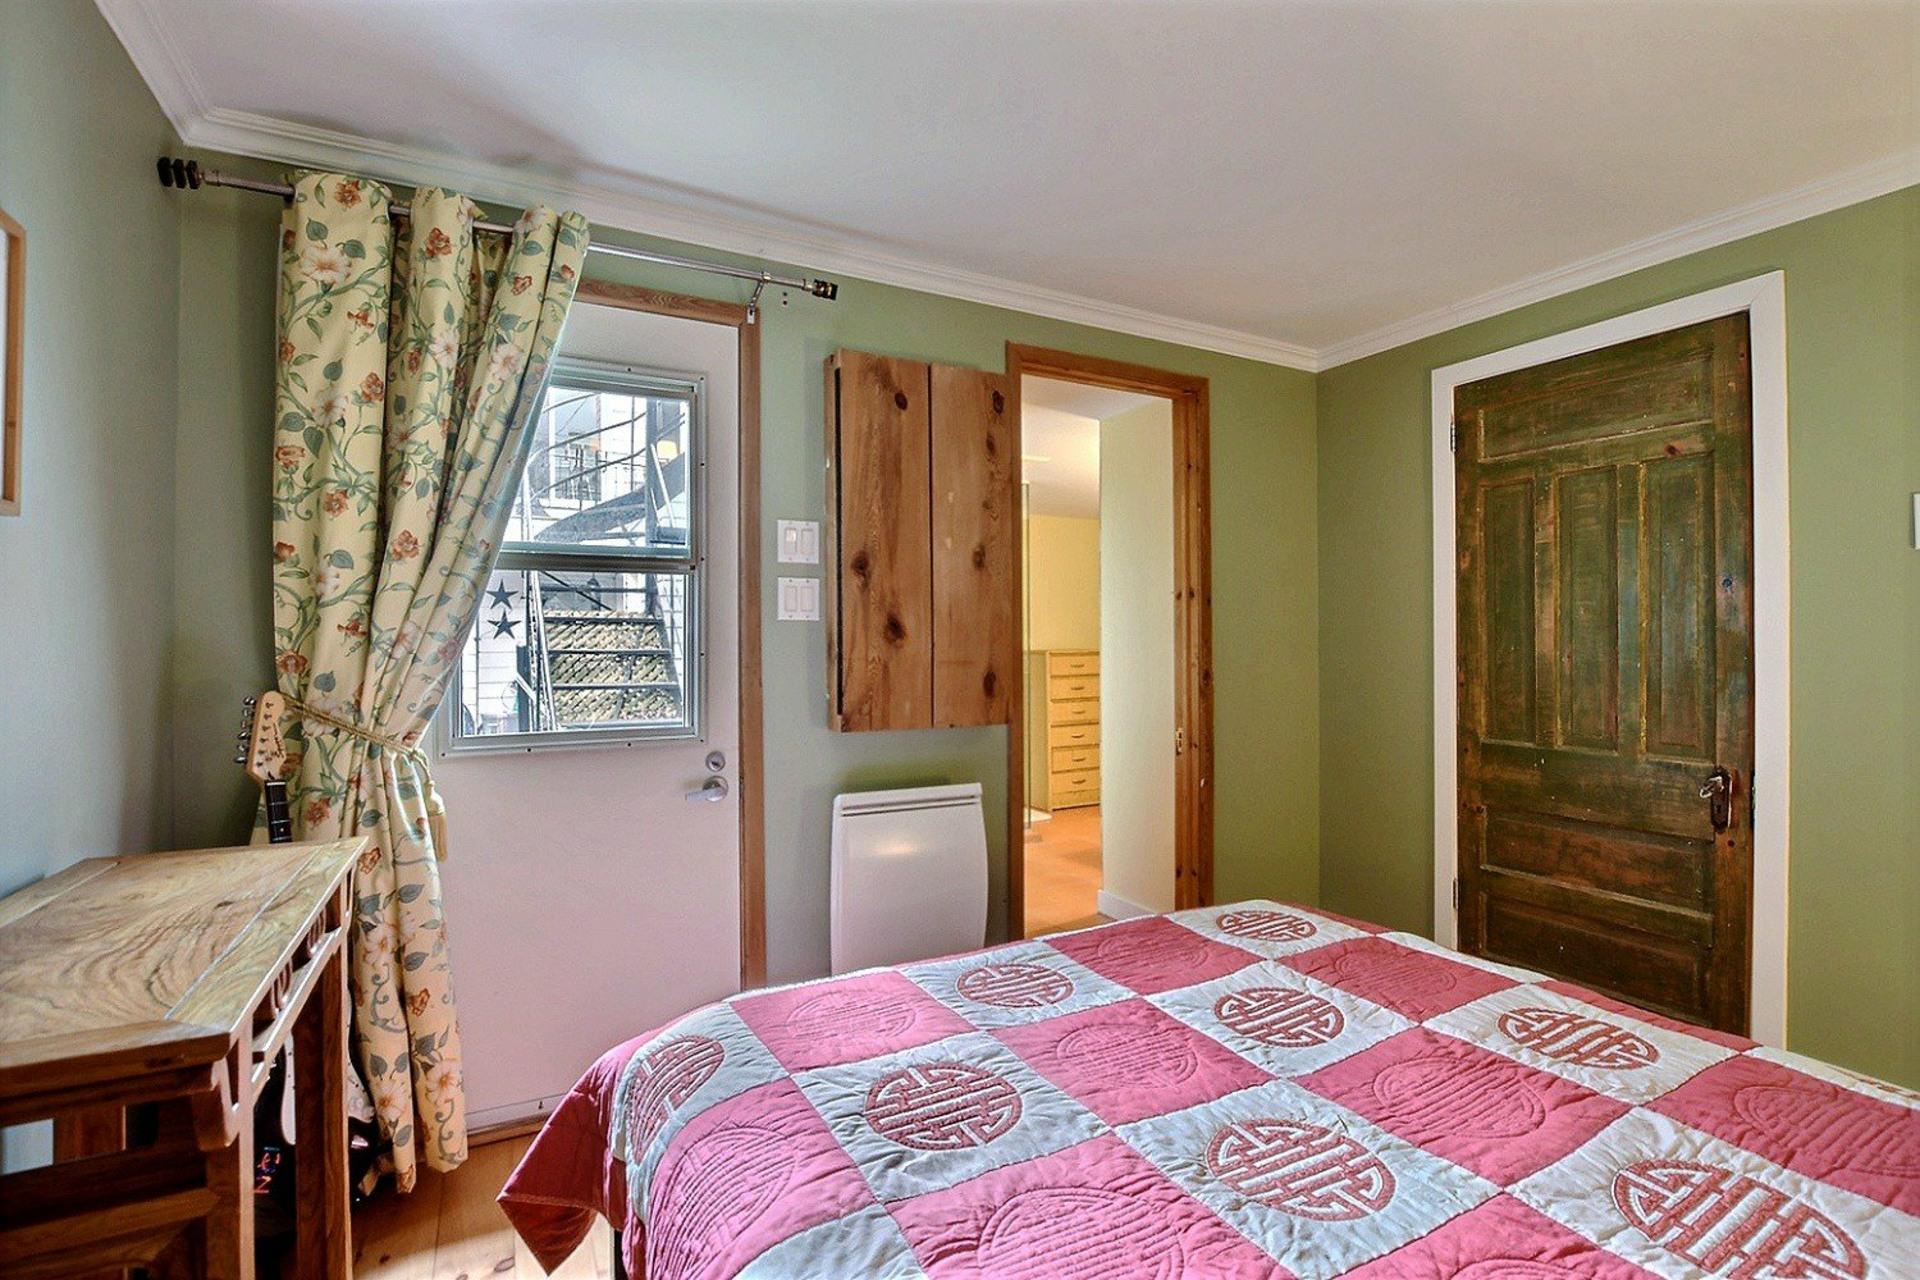 image 29 - Appartement À vendre Montréal Le Plateau-Mont-Royal  - 10 pièces